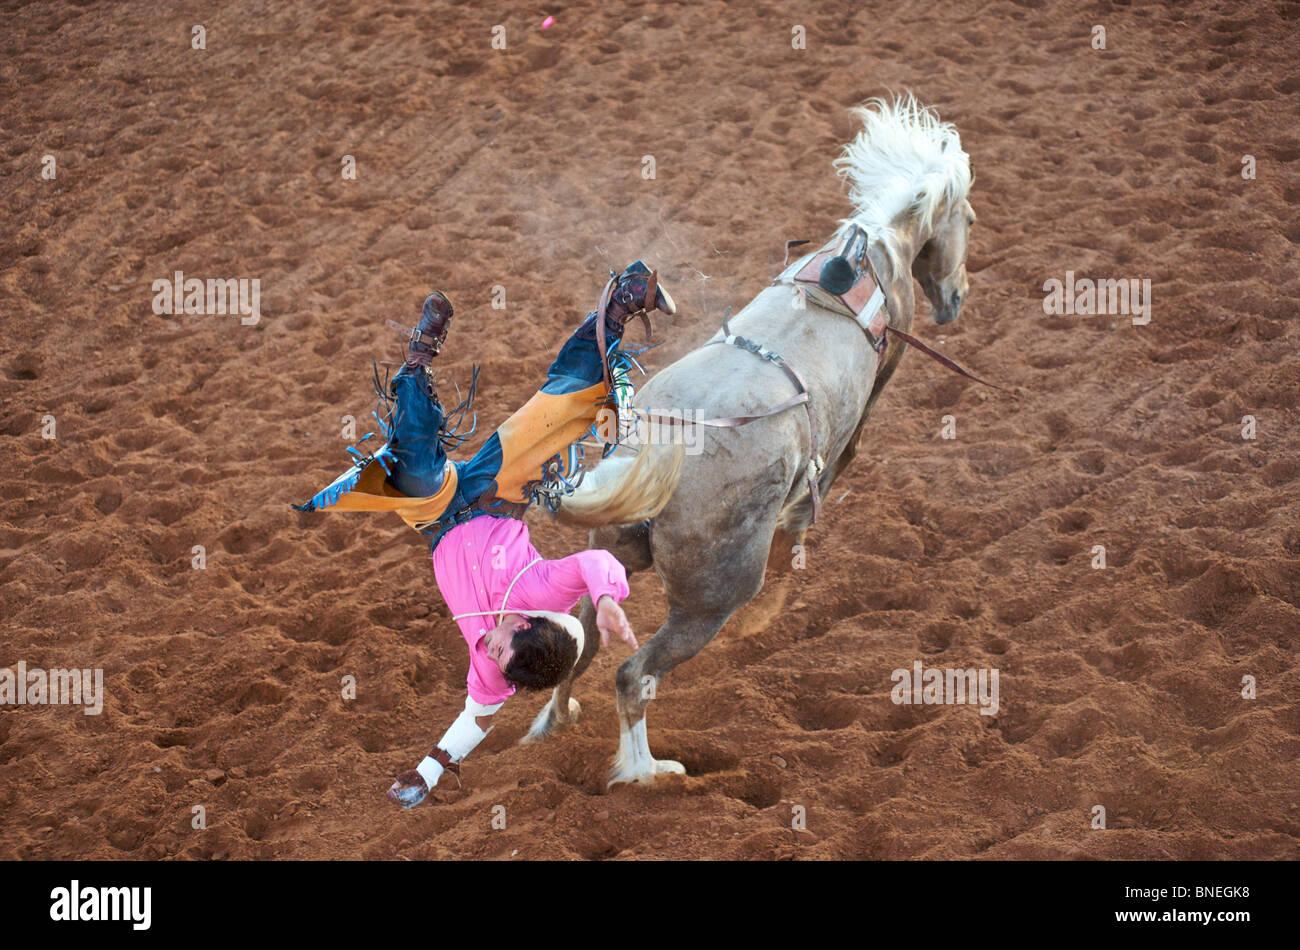 Rodeo Cowboy membre de l'érythroblastopénie tomber à partir du dos de cheval dans Petite-ville Bridgeport, Texas, États-Unis Banque D'Images